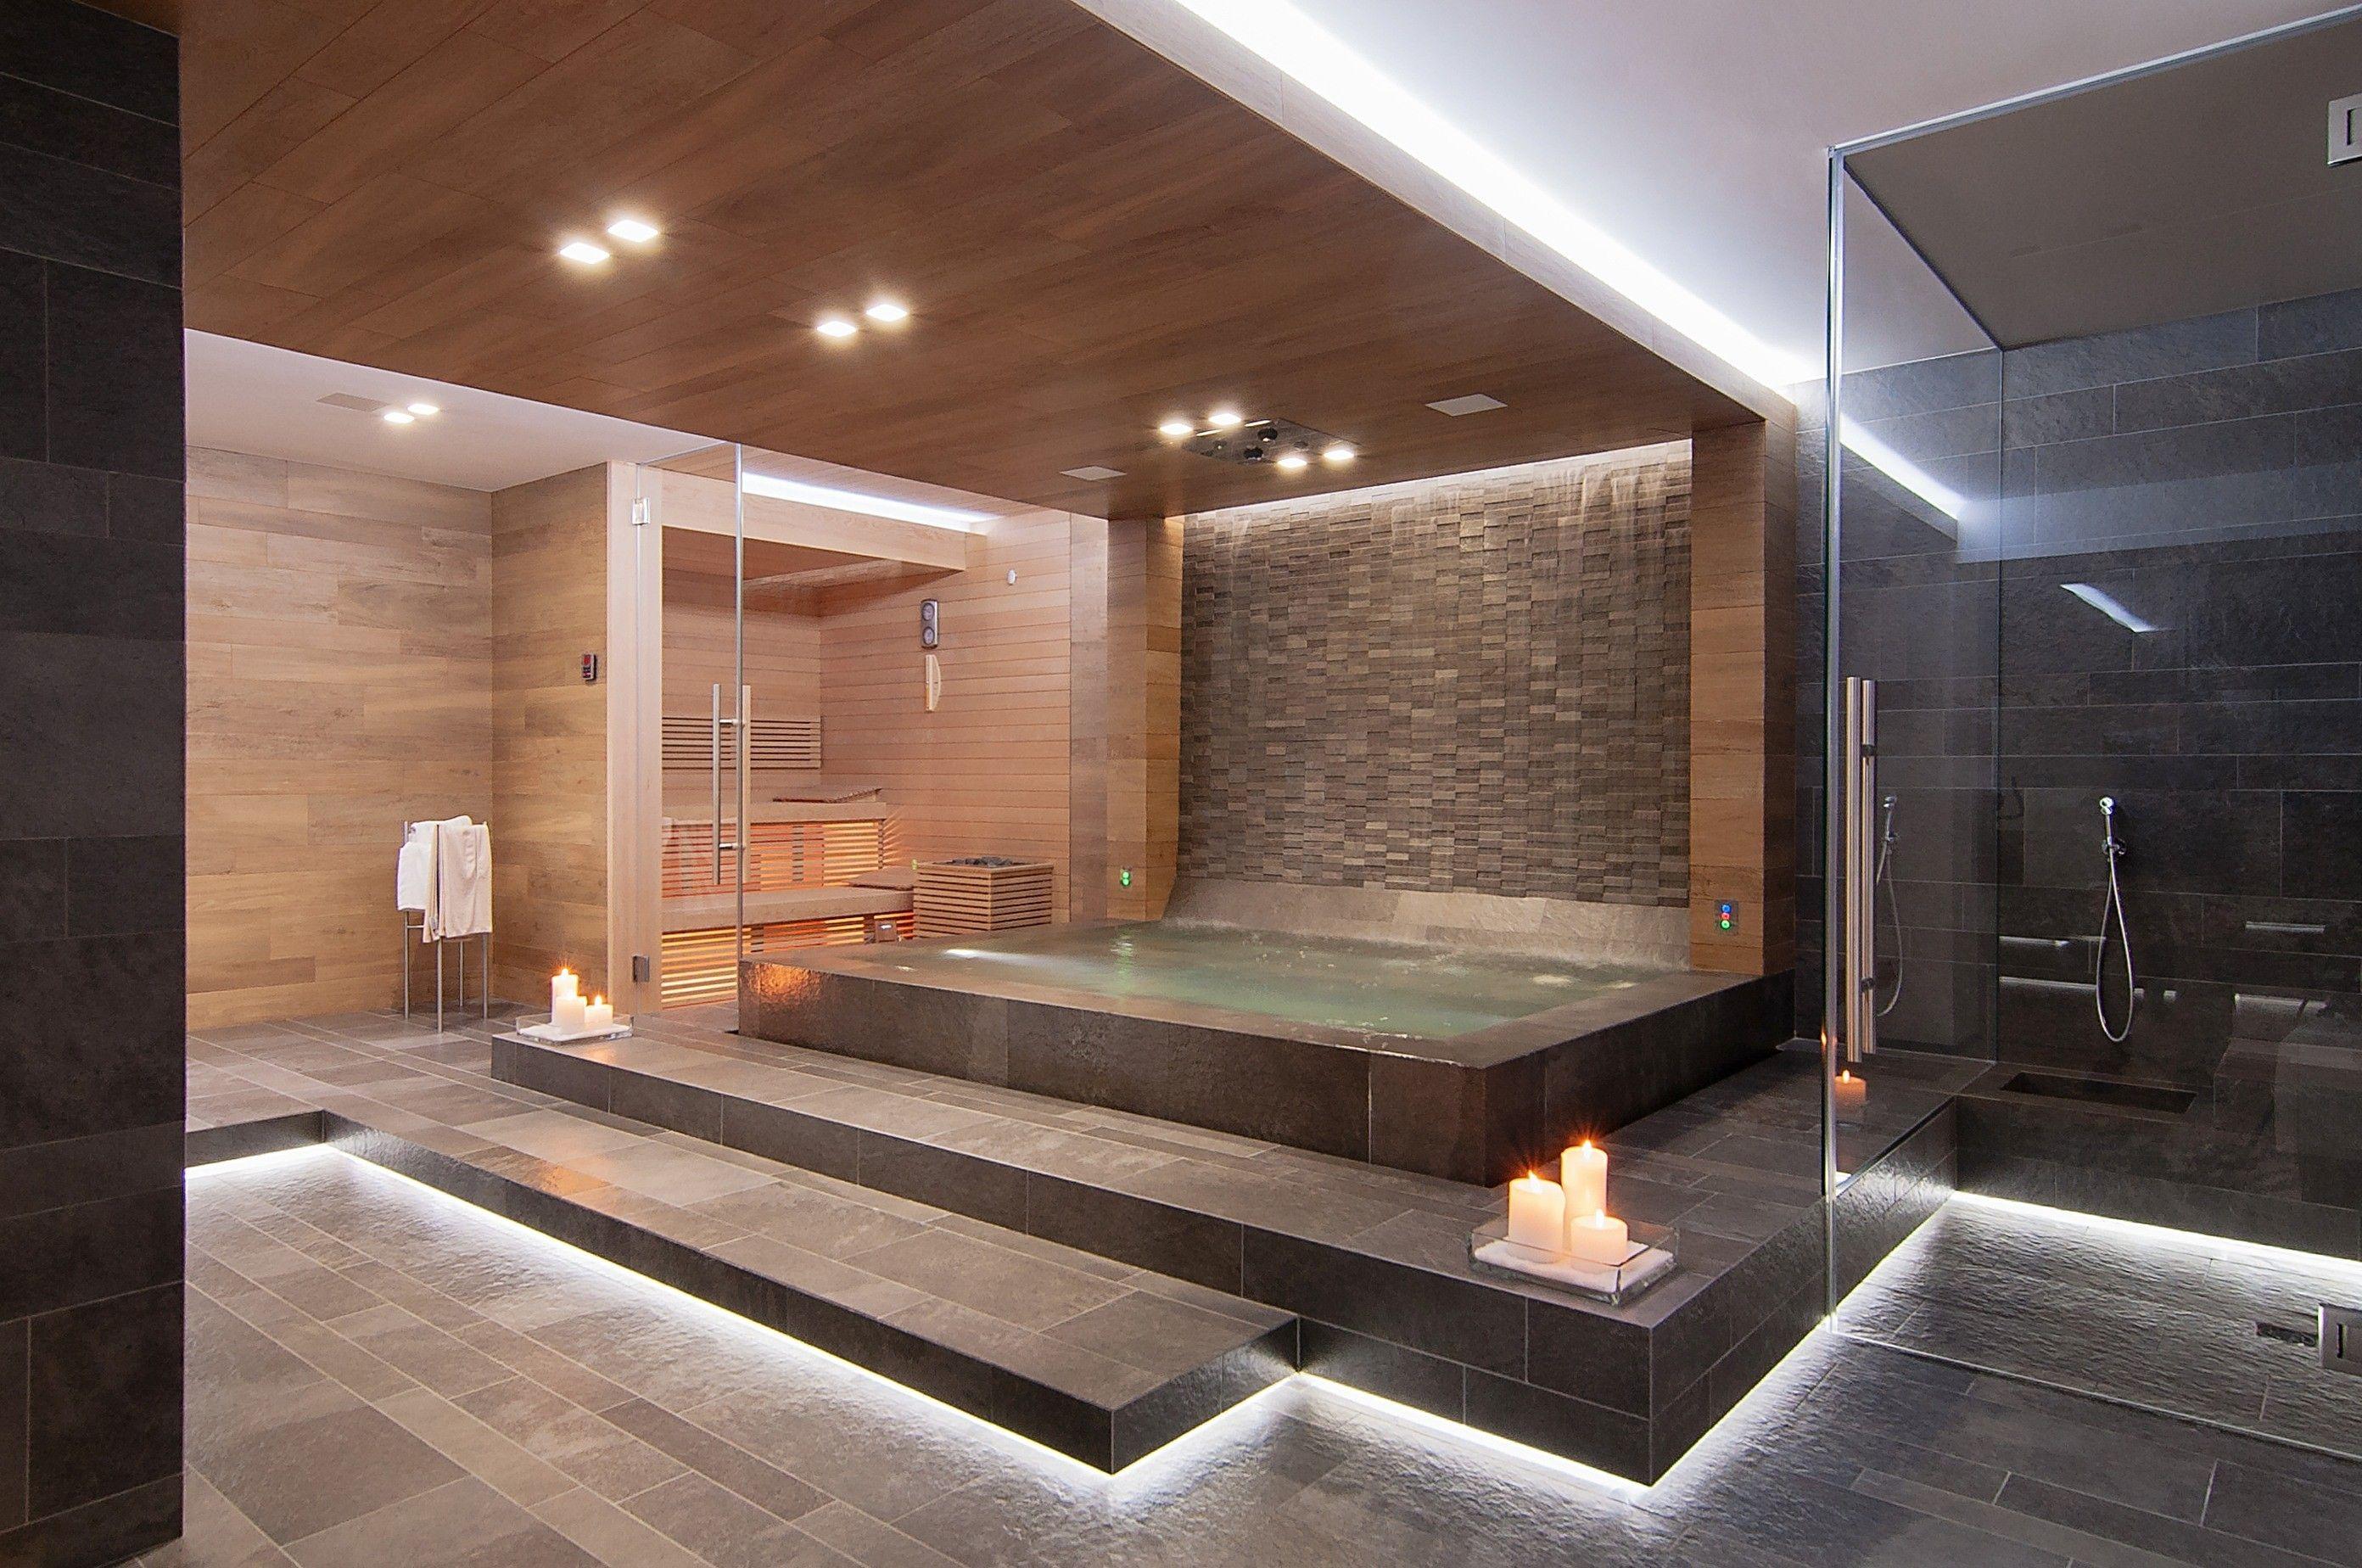 luxe badkamer met sauna - Google претрага   kupatila   Pinterest ...